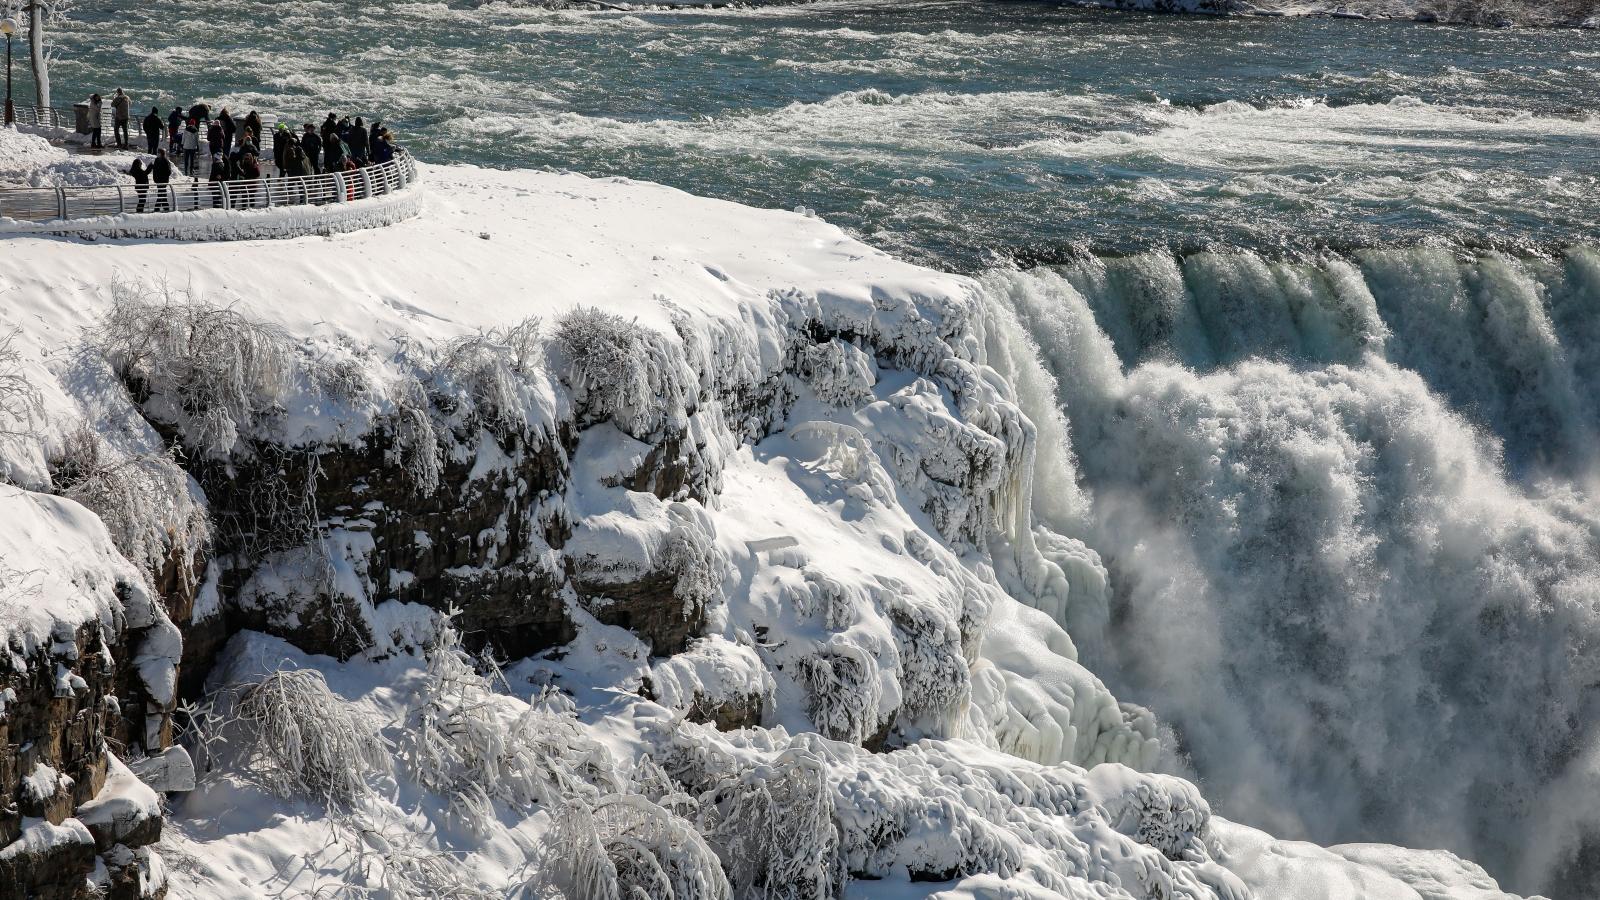 Chiêm ngưỡng thác Niagara phủ băng tuyết trắng xóa